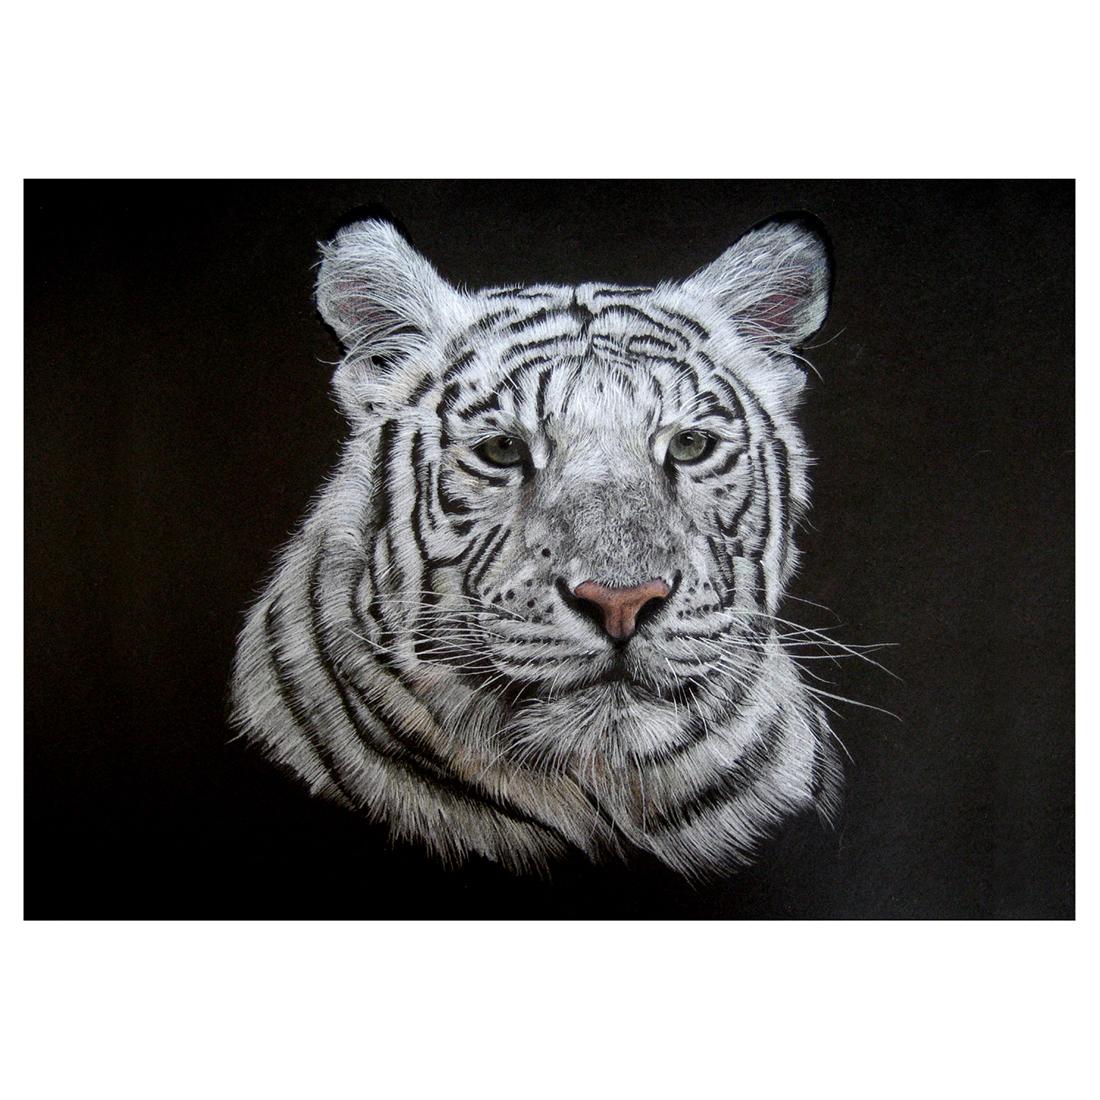 White Tiger in pencil